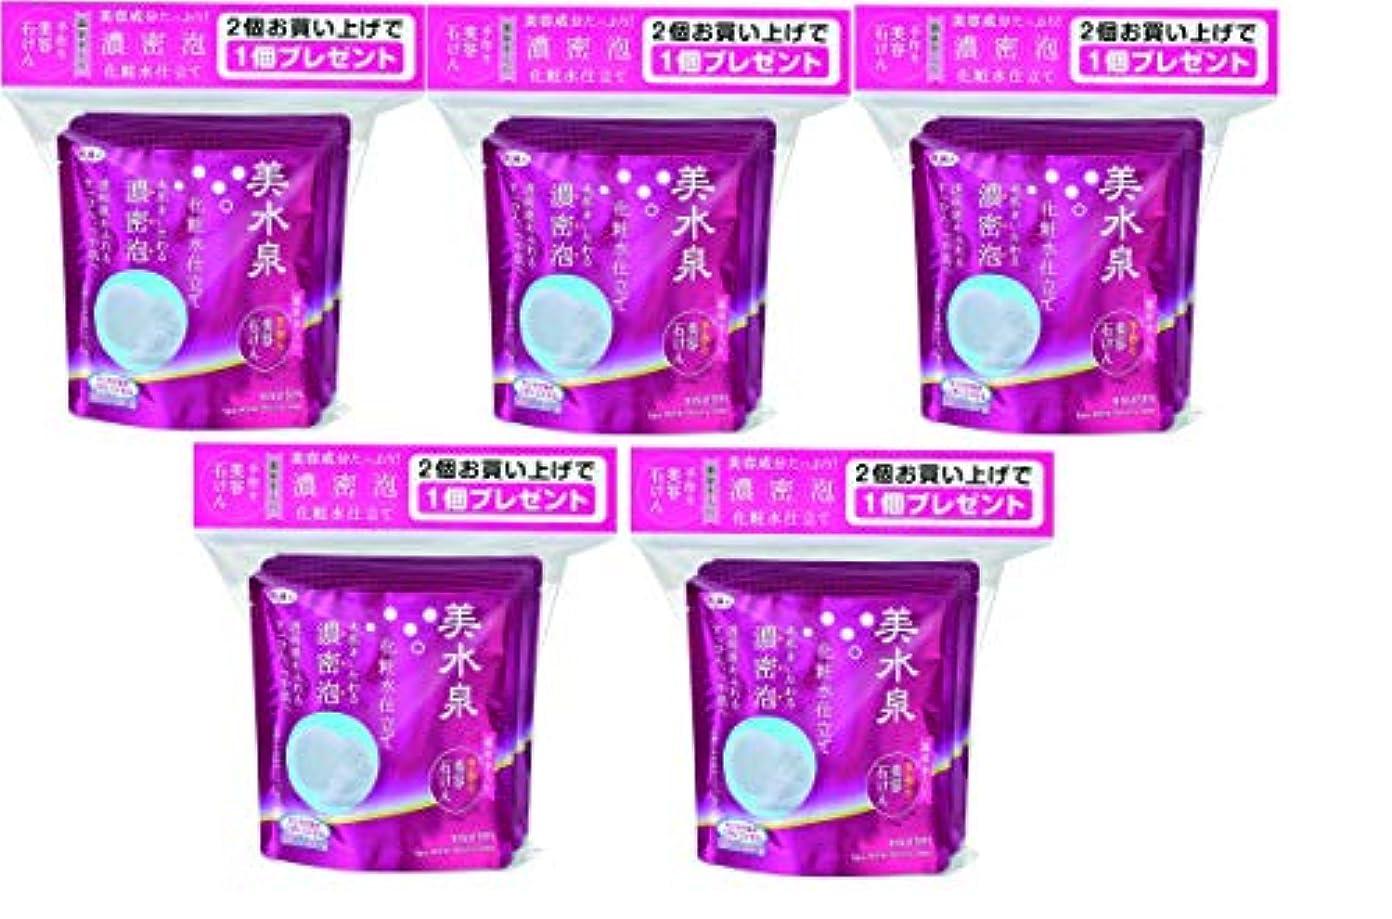 に付ける広範囲にハイキング美水泉 手作り美容石けんお得な3個入り ×5 (15個入り!)